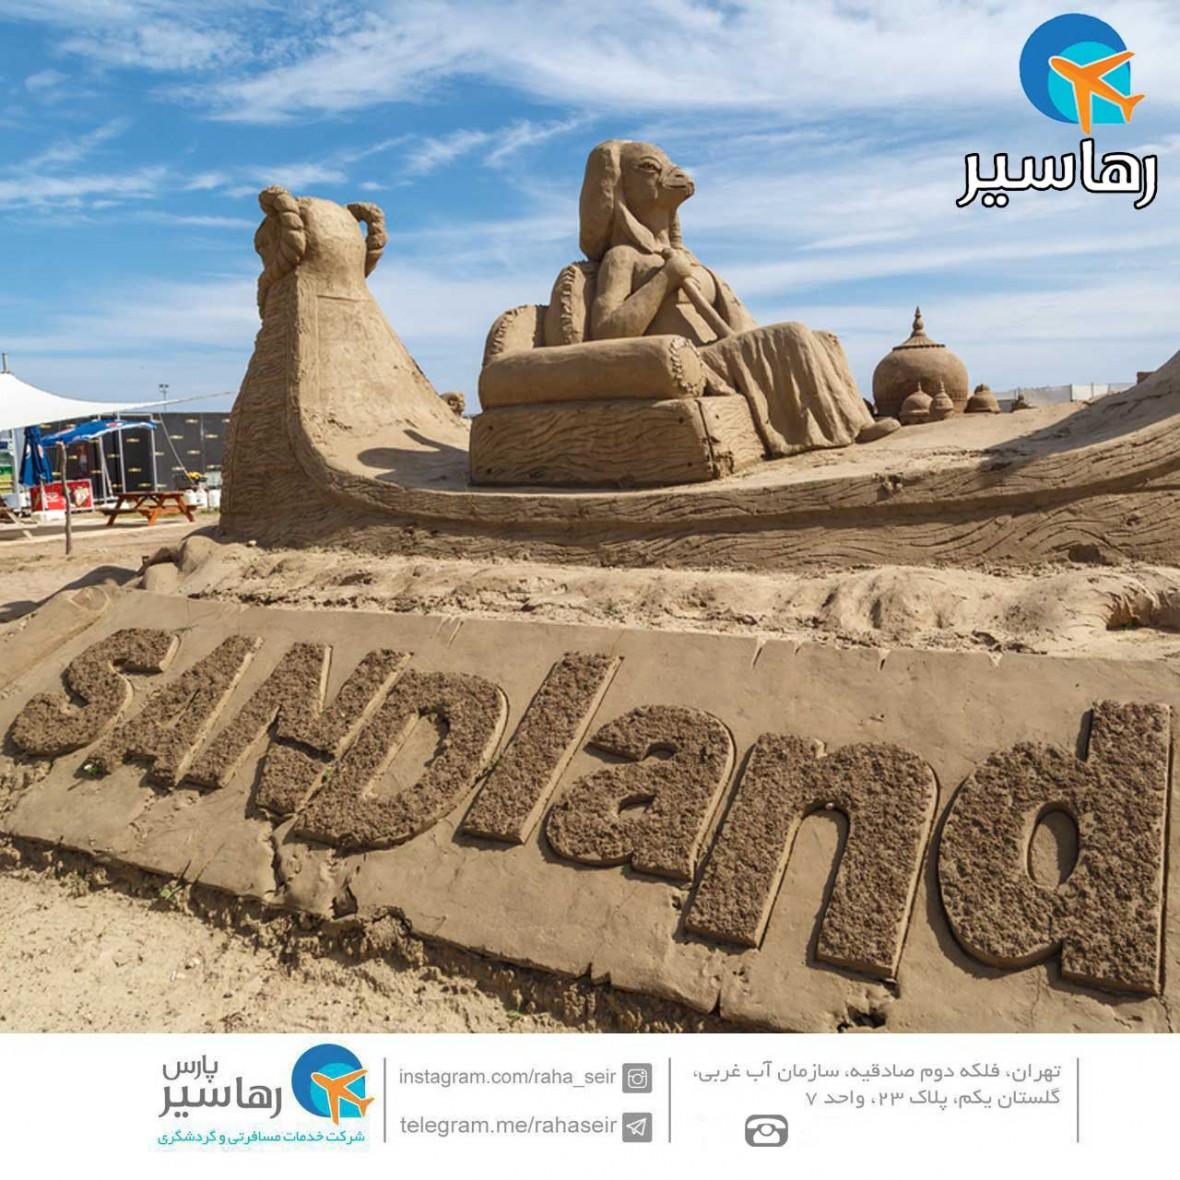 جشنواره مجسمه های شنی آنتالیا (Sandland)